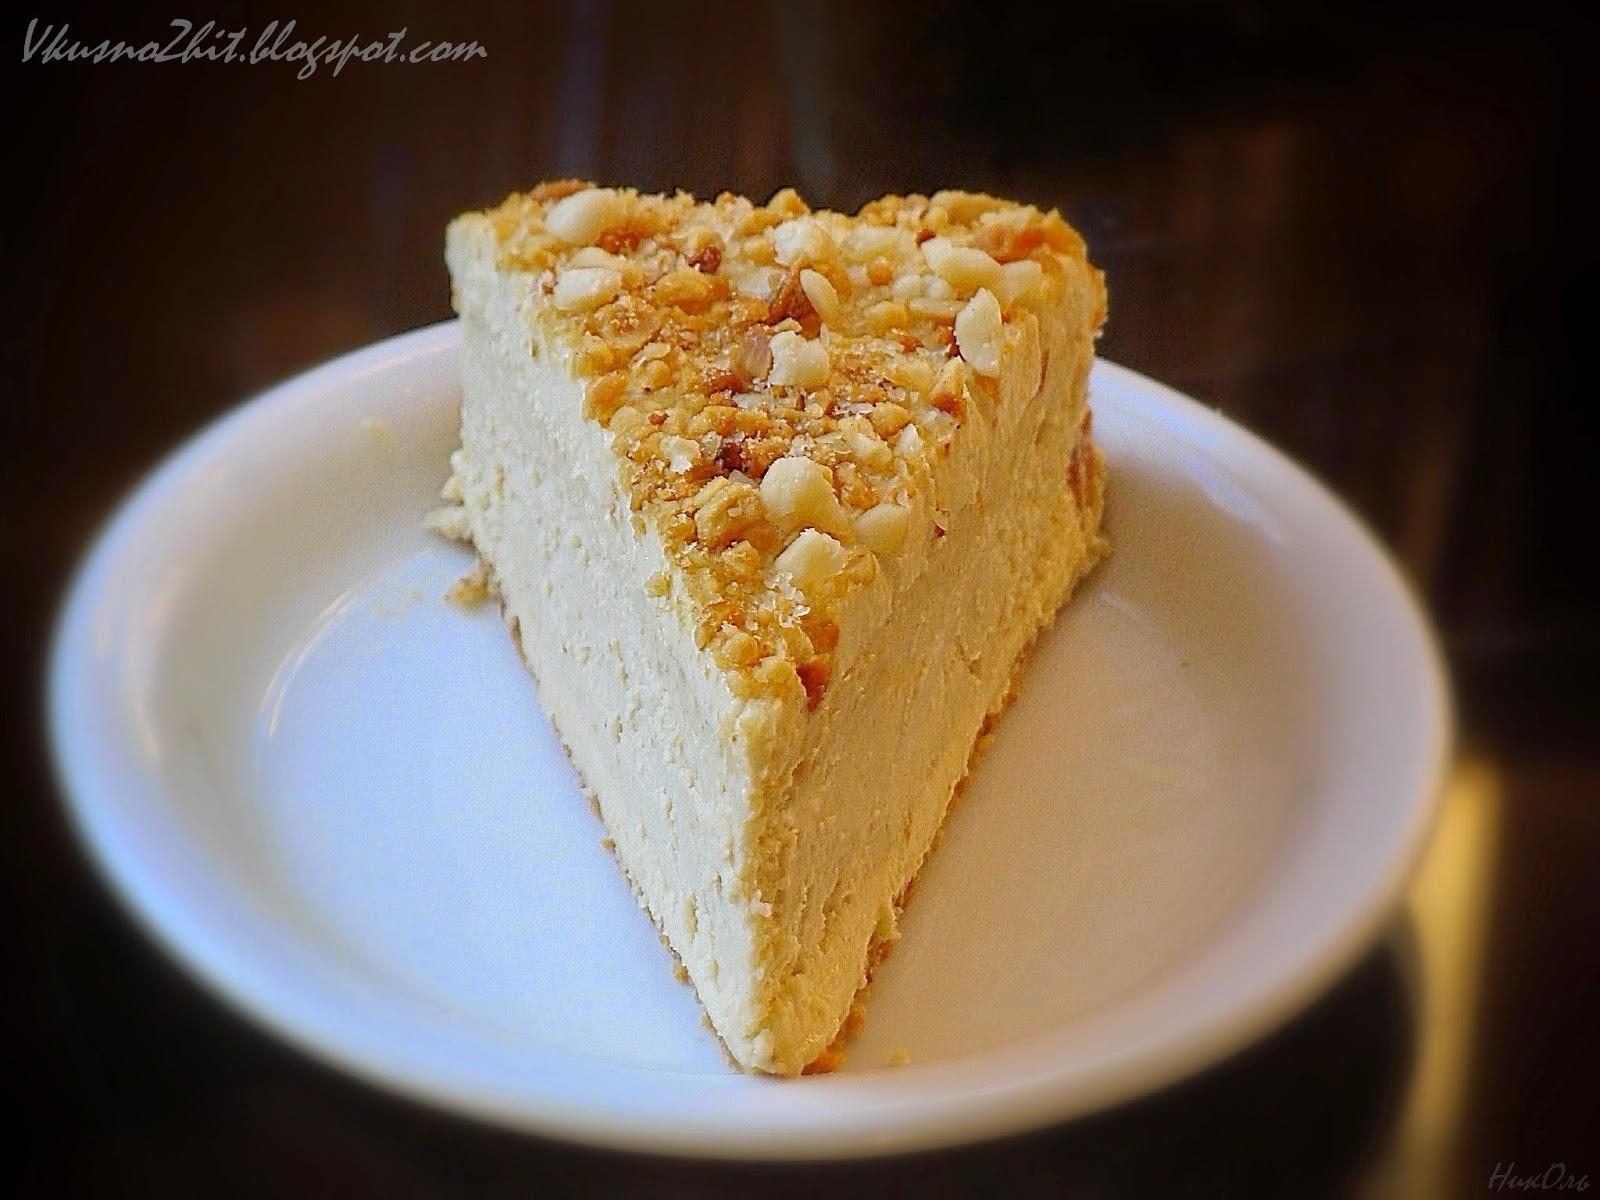 торт с кремом из арахисовой пасты рецепт с фото